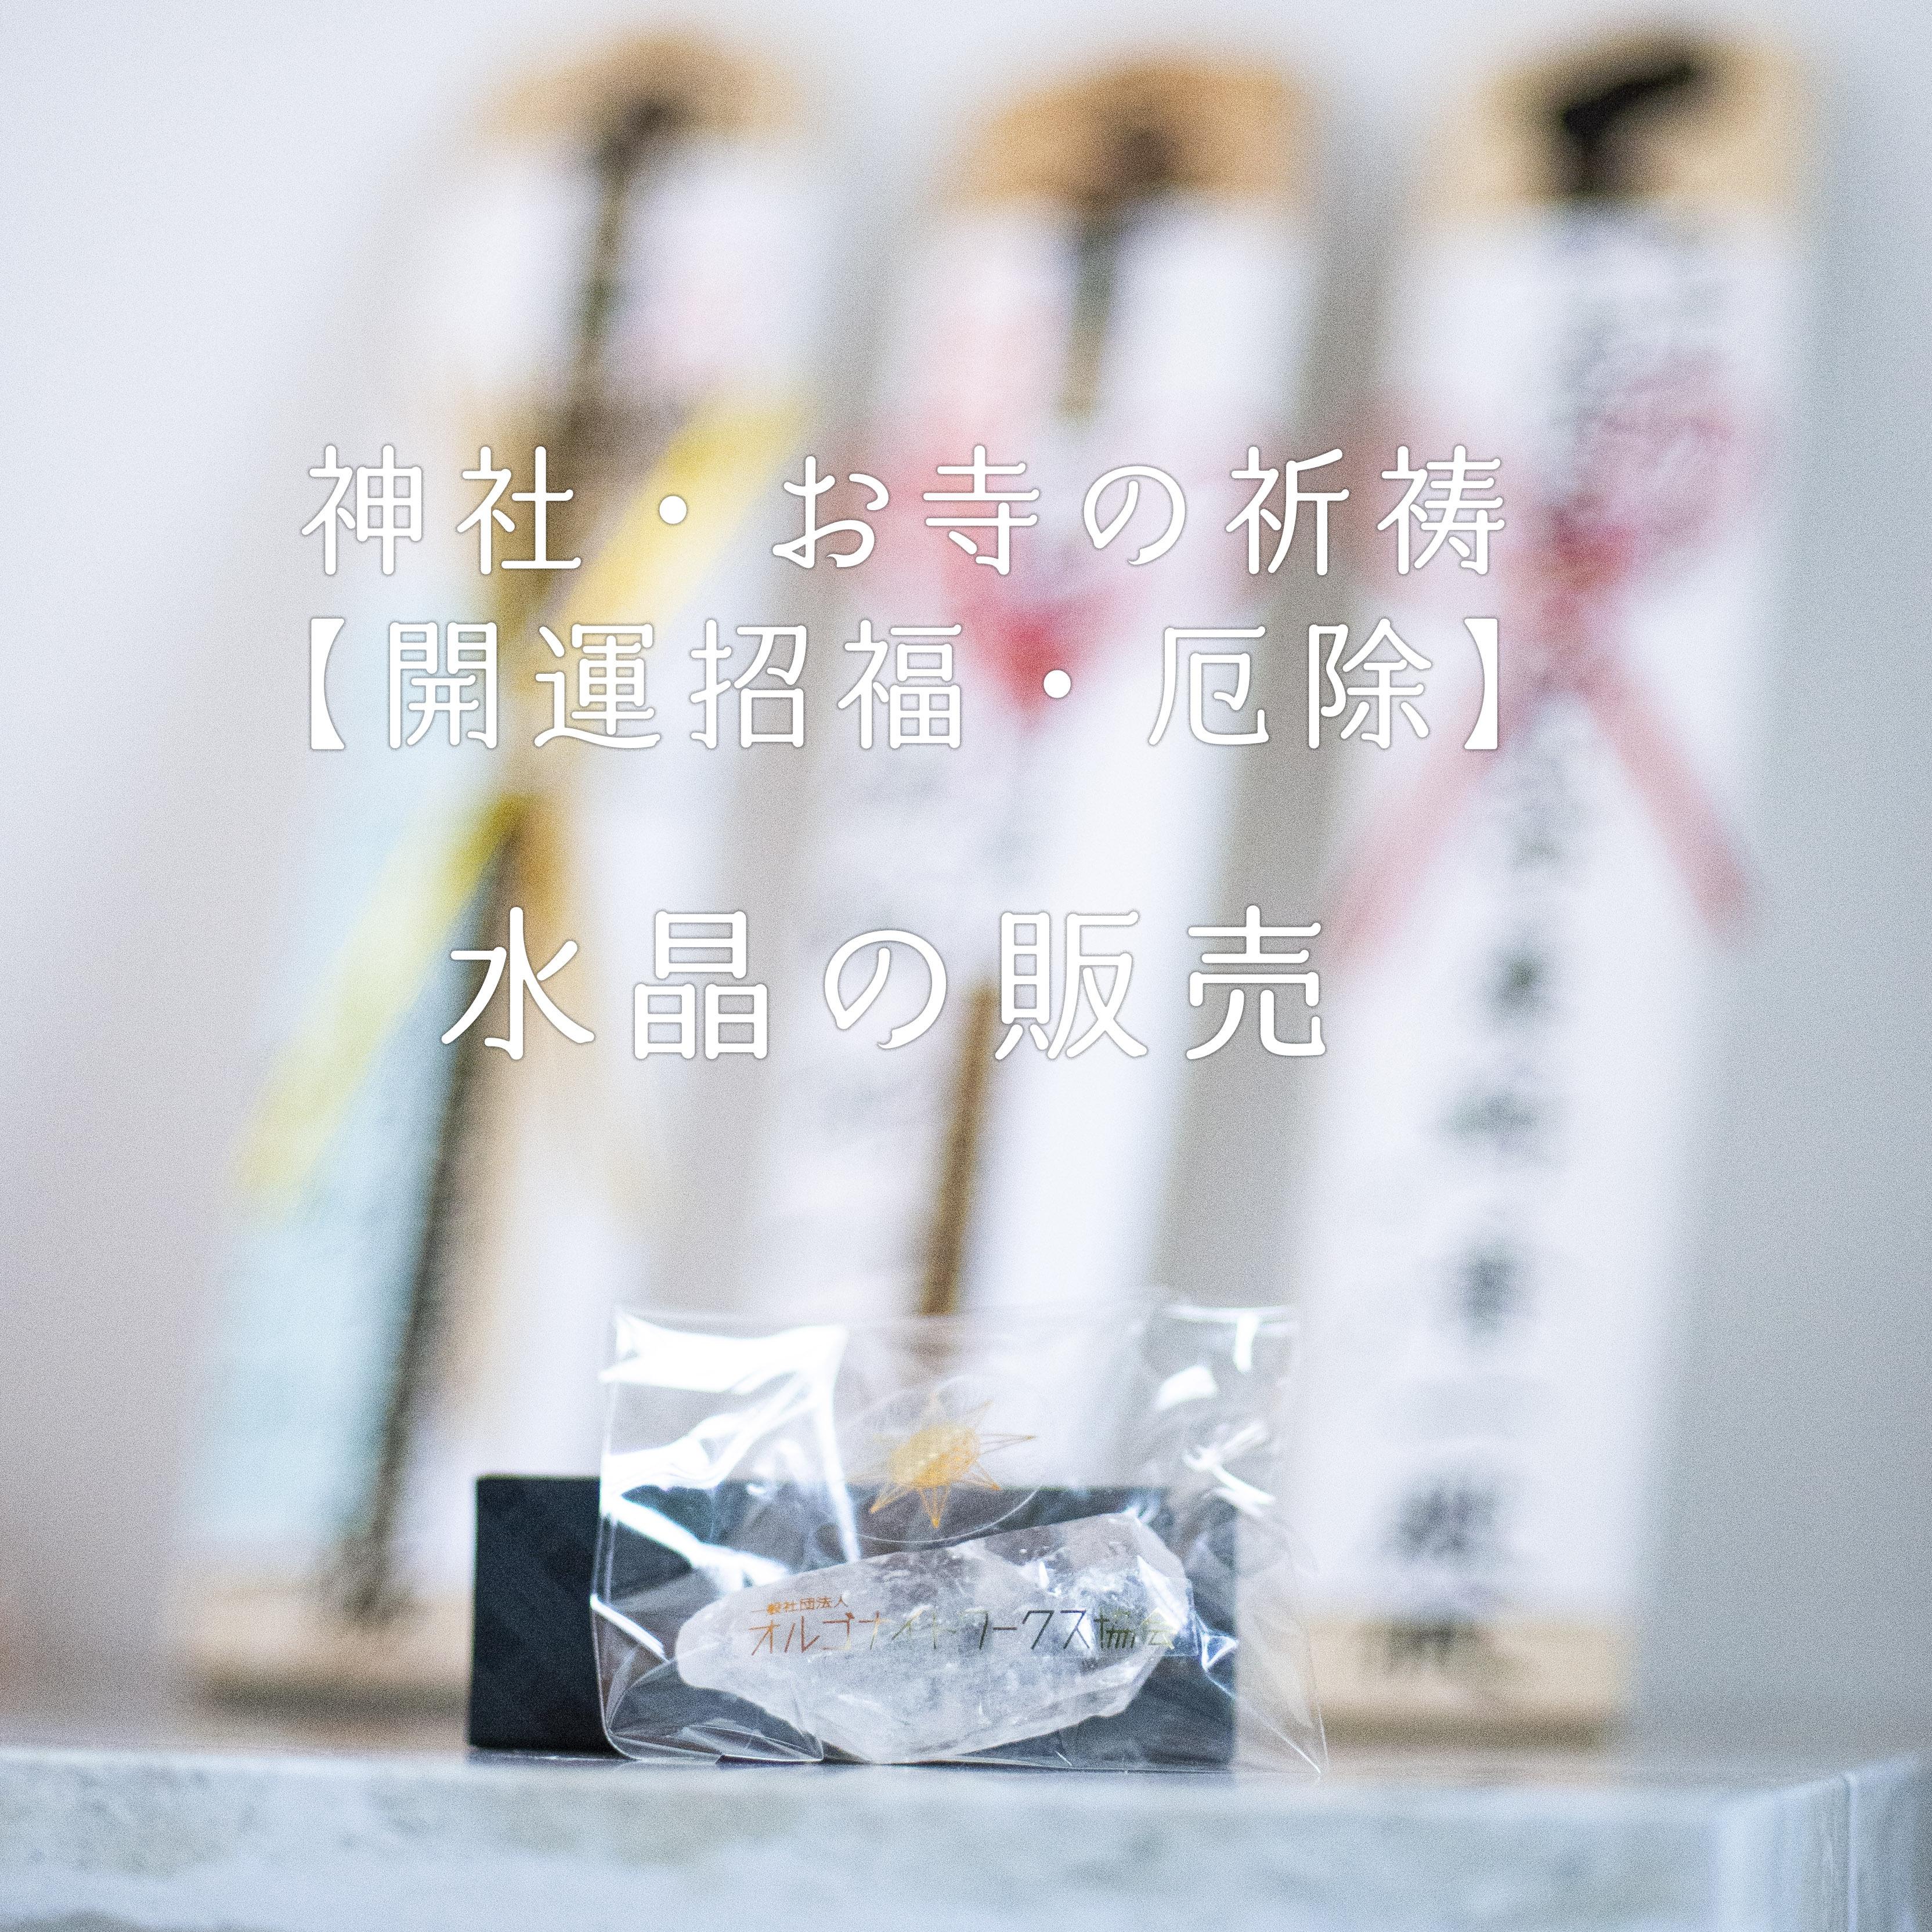 【御祈祷(開運招福・厄除)A】オルゴナイト用大きめ水晶(さざれシトリンプレゼント)